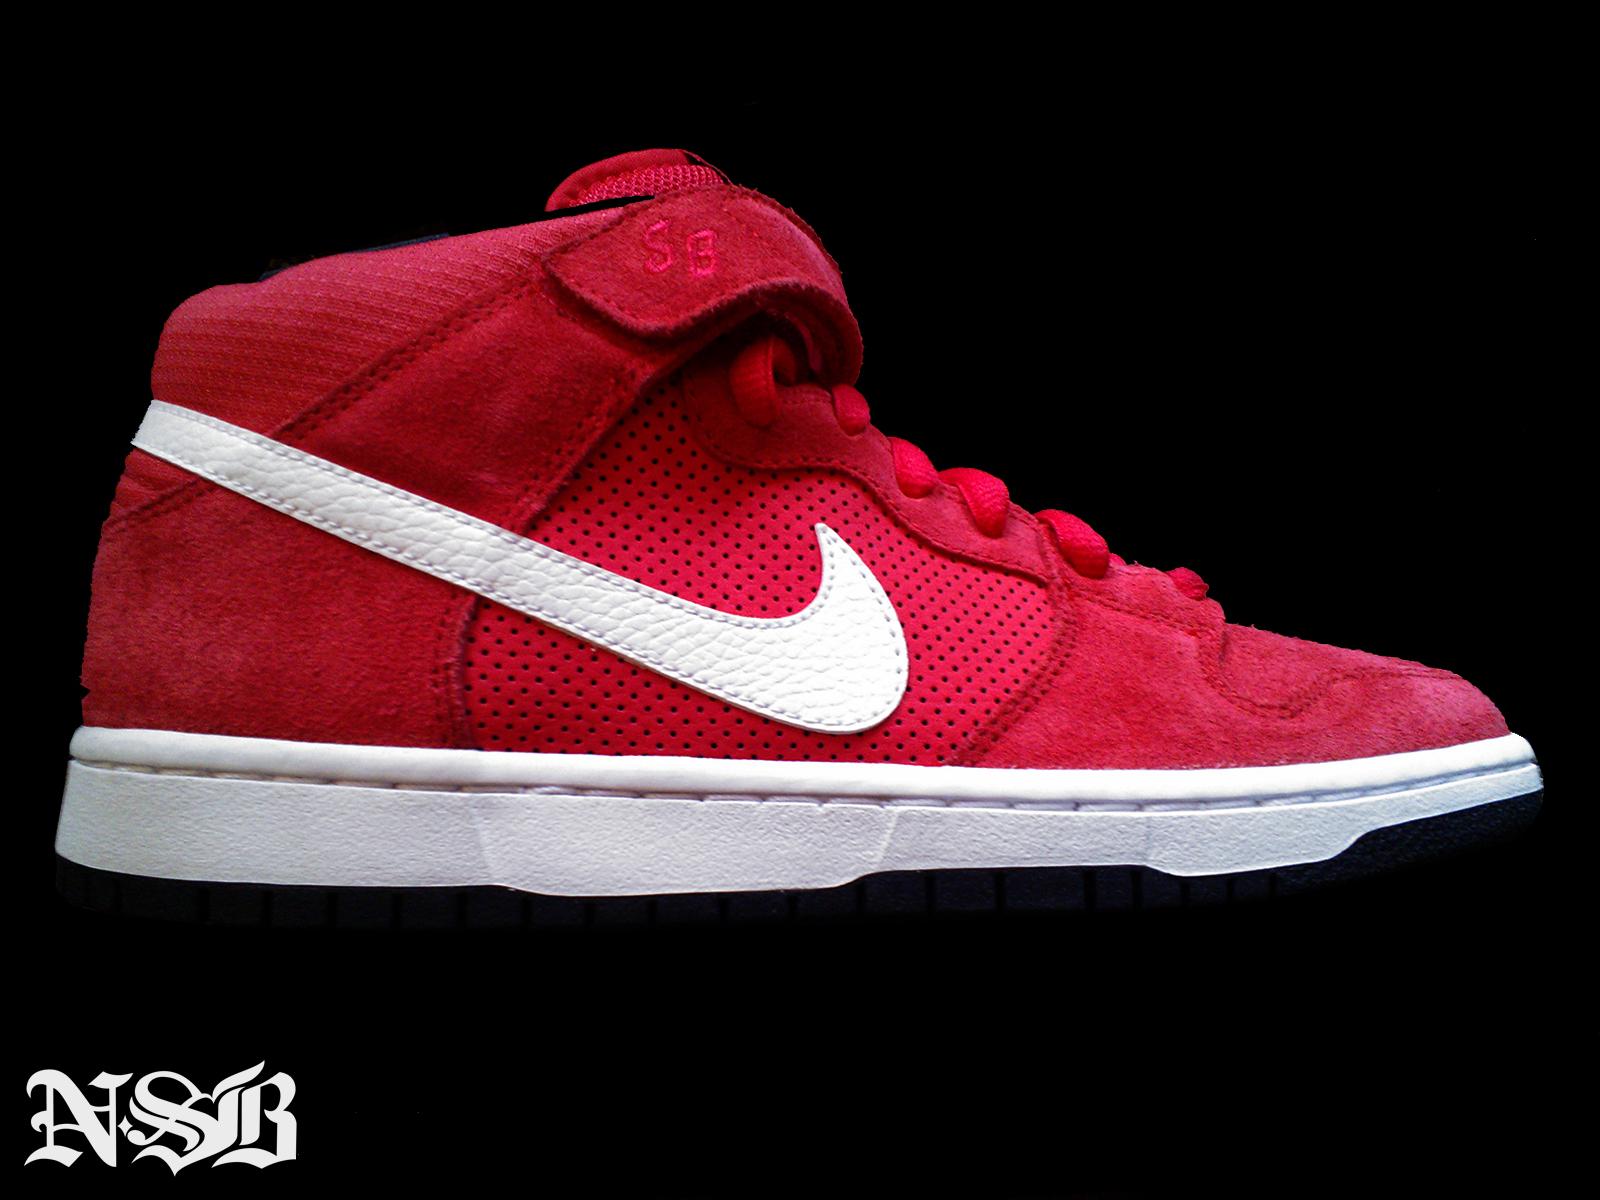 The Air Jordan 11